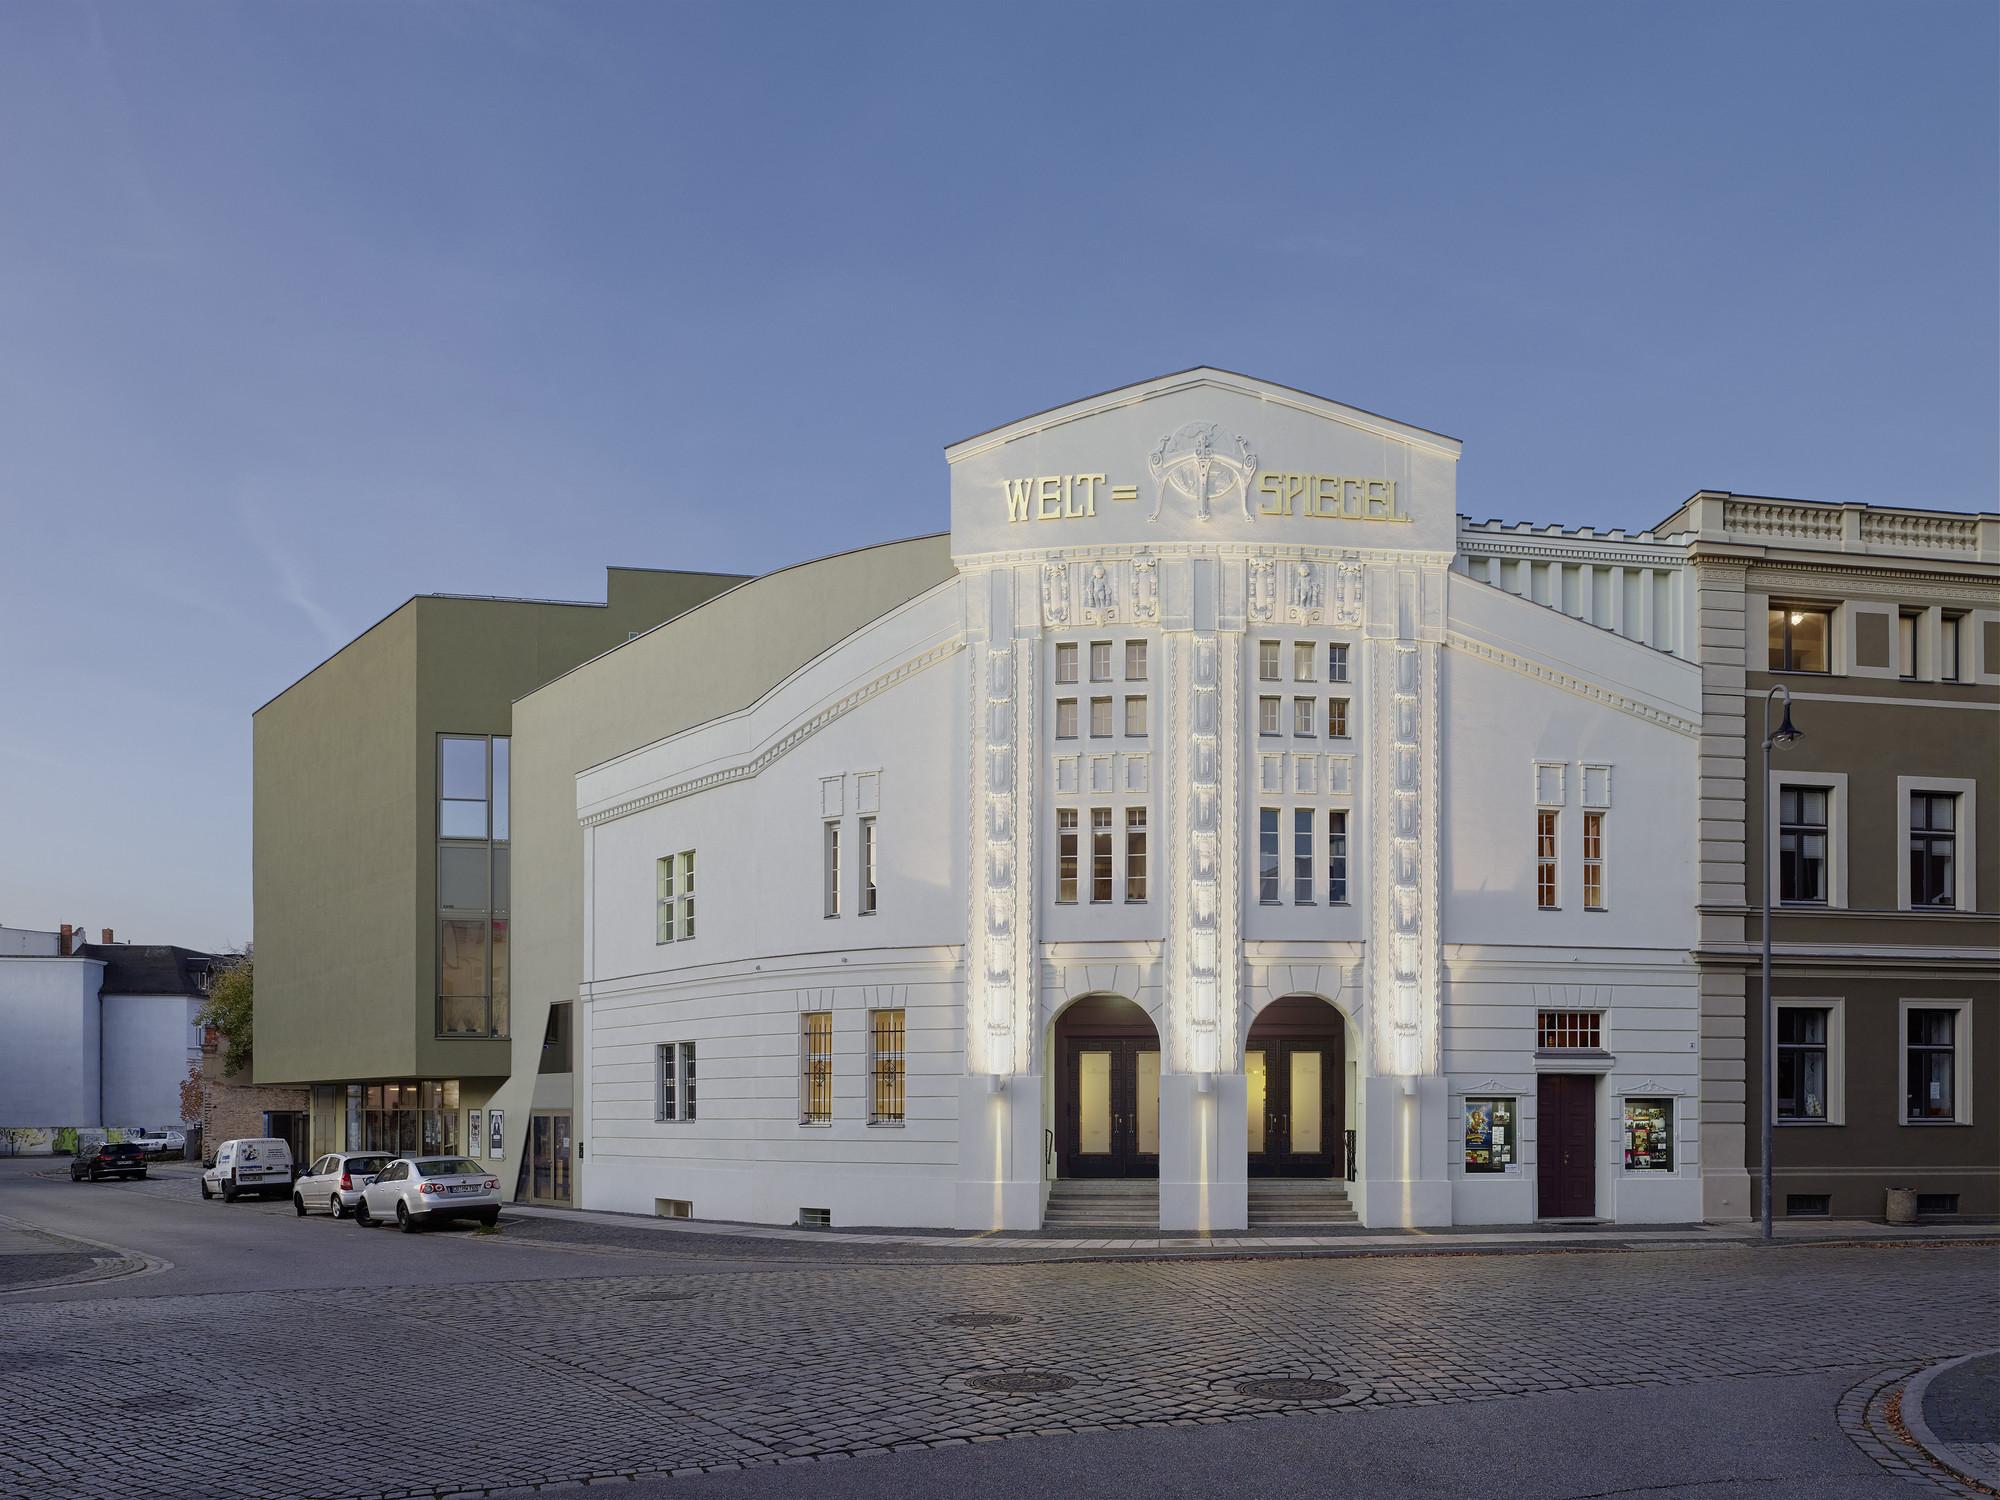 Filmtheater Weltspiegel Cottbus,© Zooey Braun